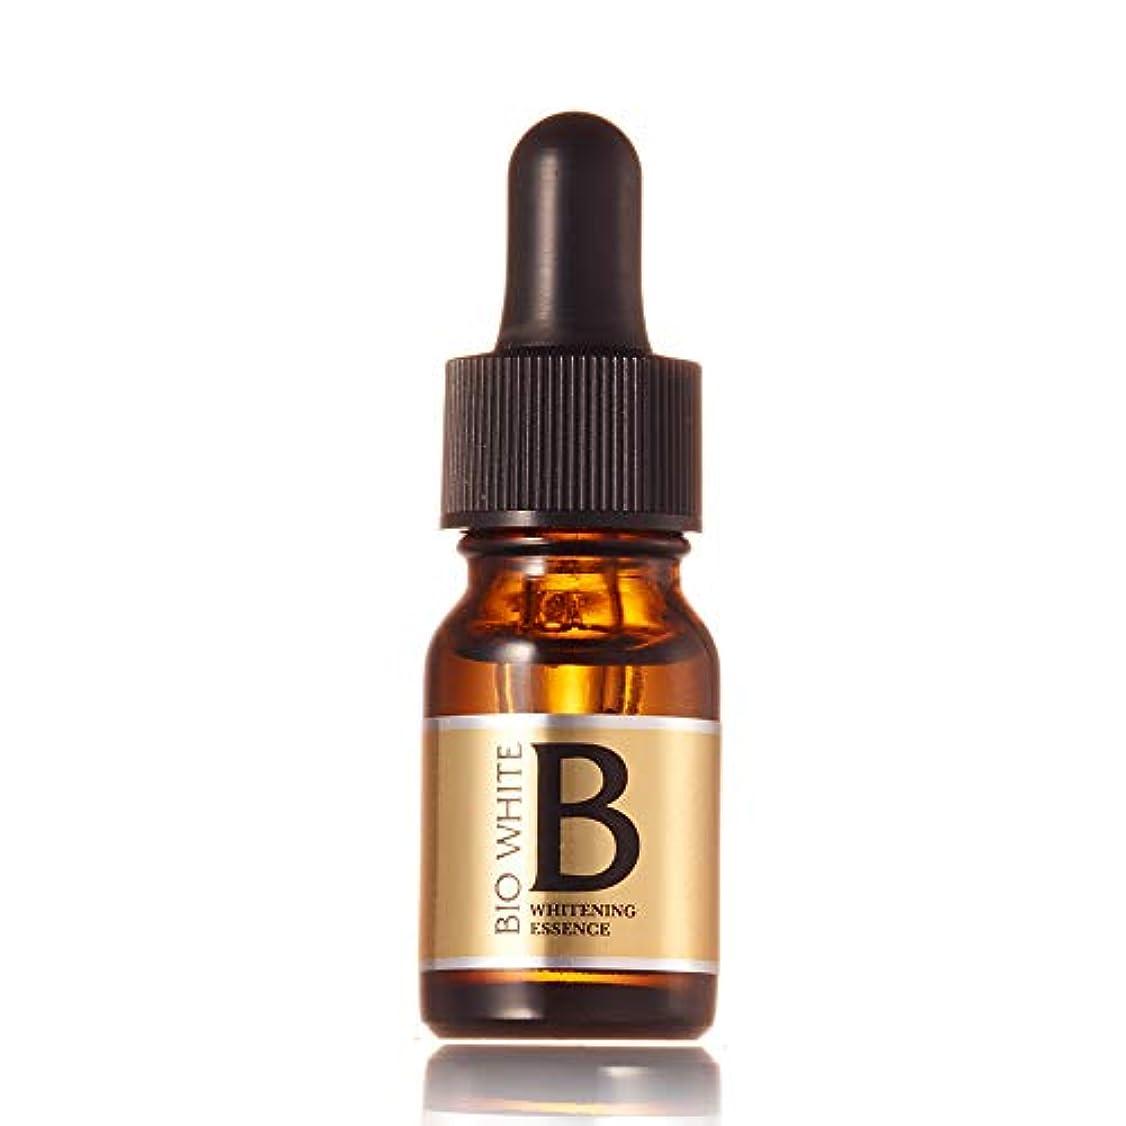 指導する三合法エビス化粧品(EBiS) しみ くすみ 対策 美容液 エビスビーホワイト10ml トラネキサム酸配合 男女兼用 美白美容液 日本製